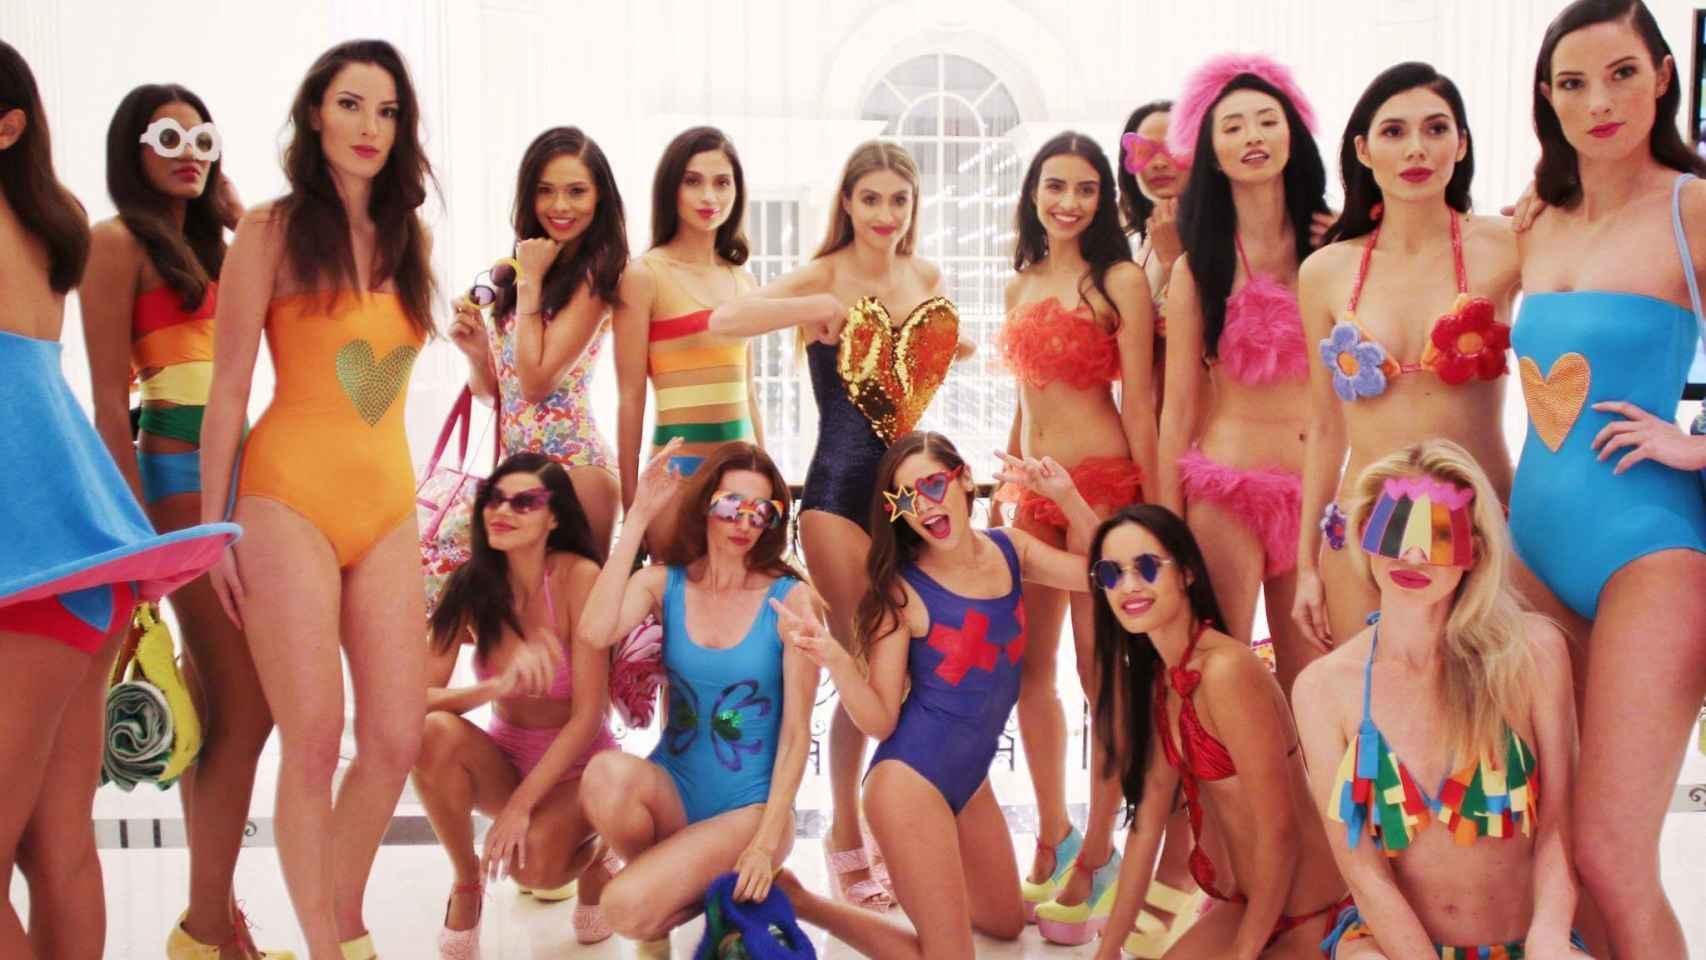 En el centro de rodillas con bañador morado Cósima Ramírez posa junto a las modelos del desfile